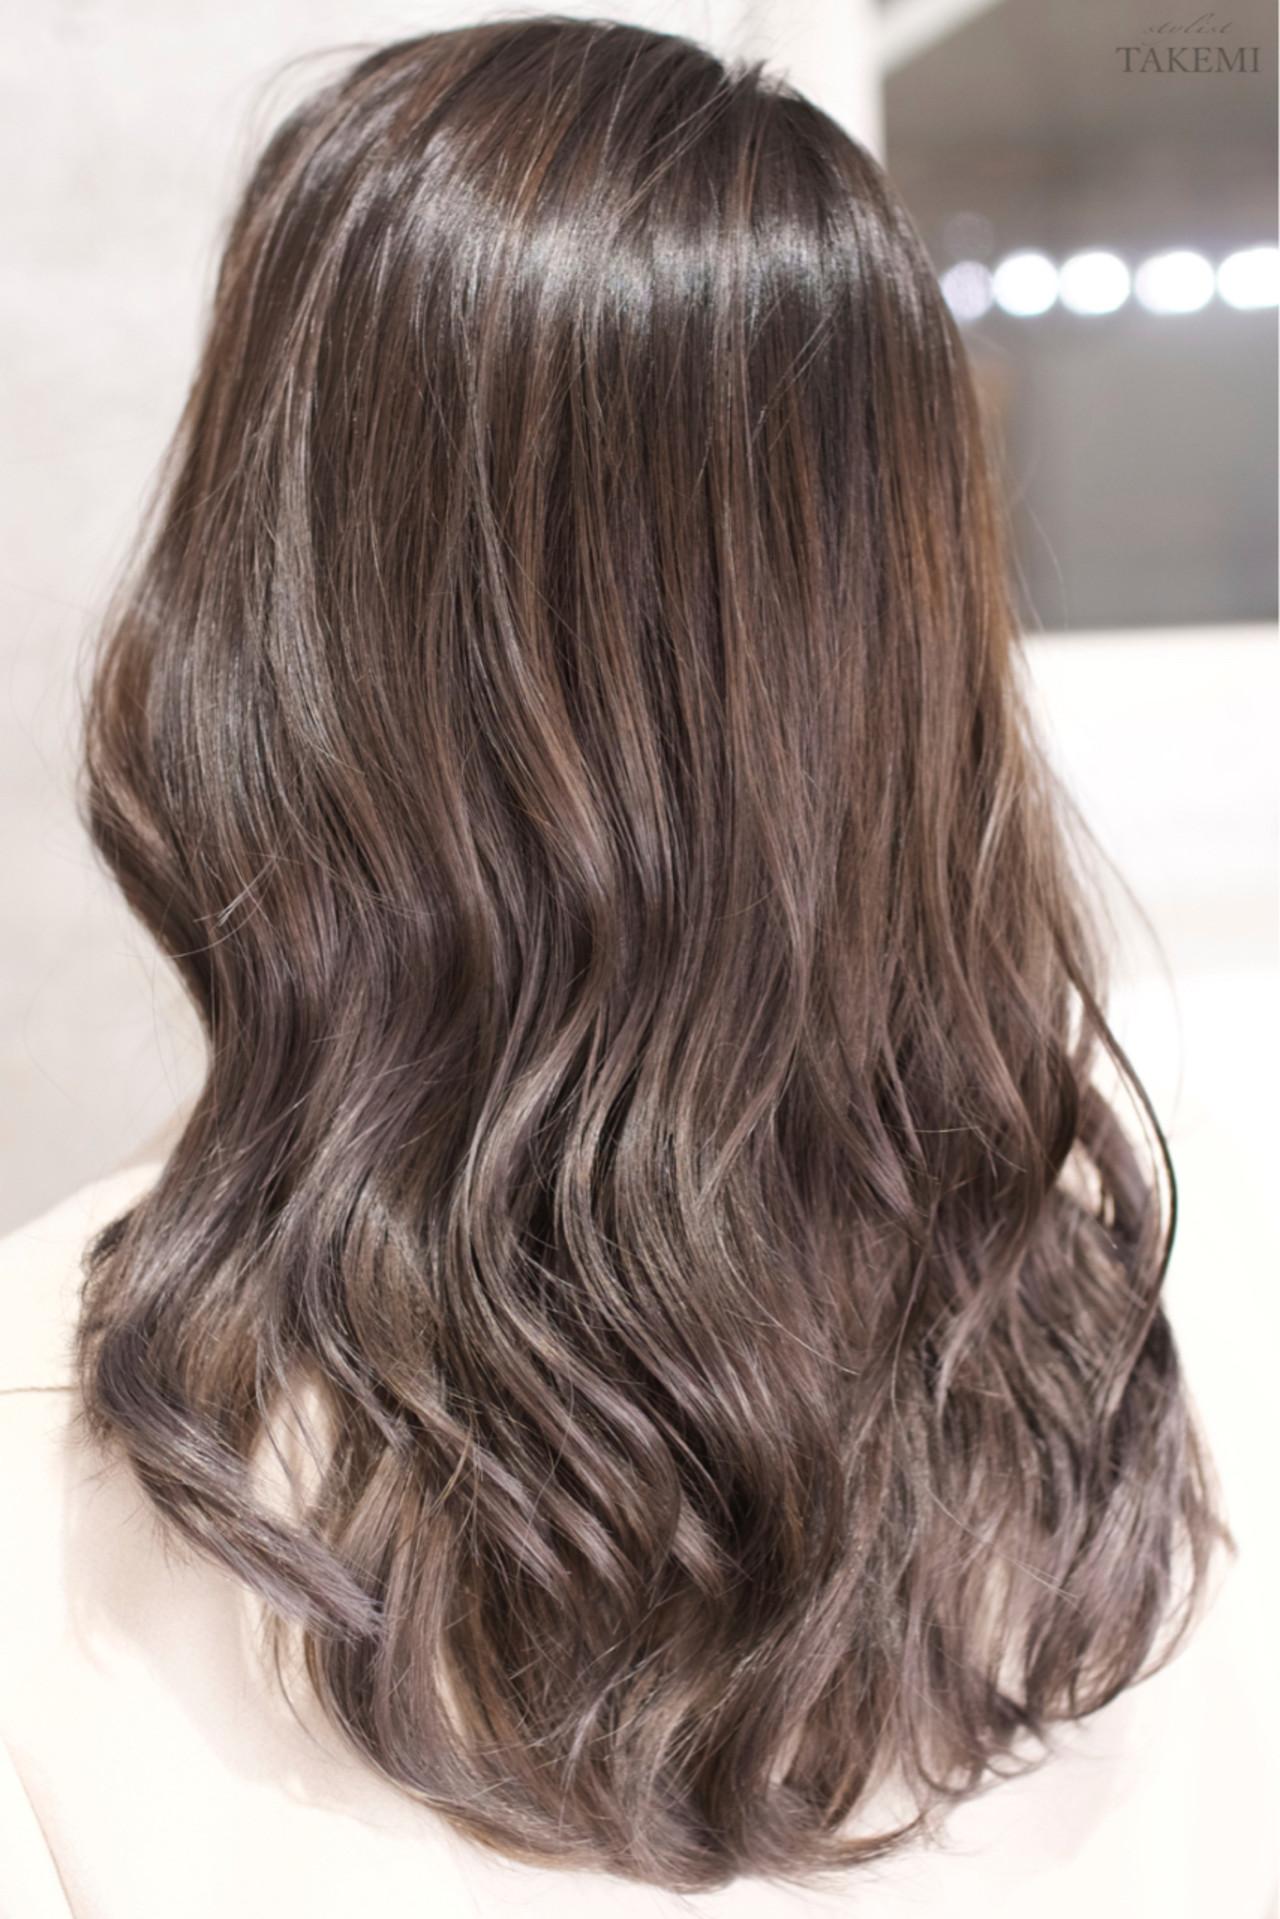 ロング ハイライト ダブルカラー バレイヤージュ ヘアスタイルや髪型の写真・画像 | TAKEMI / BEBE 表参道